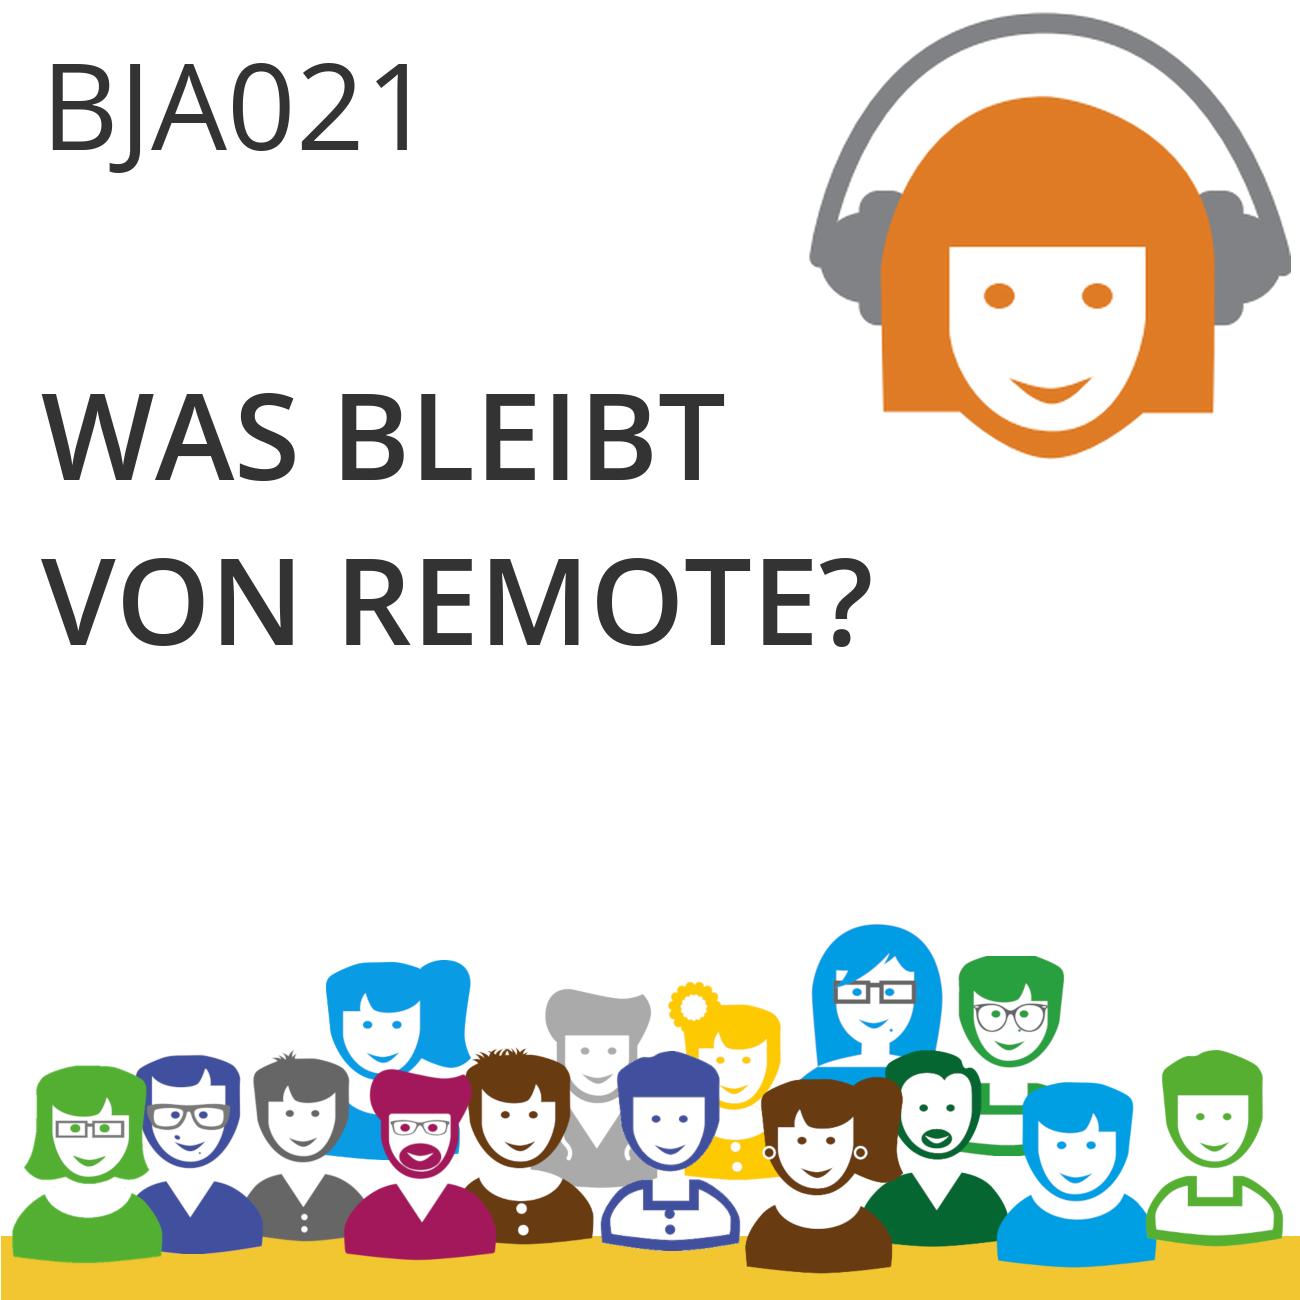 BJA021 | Was bleibt von remote?